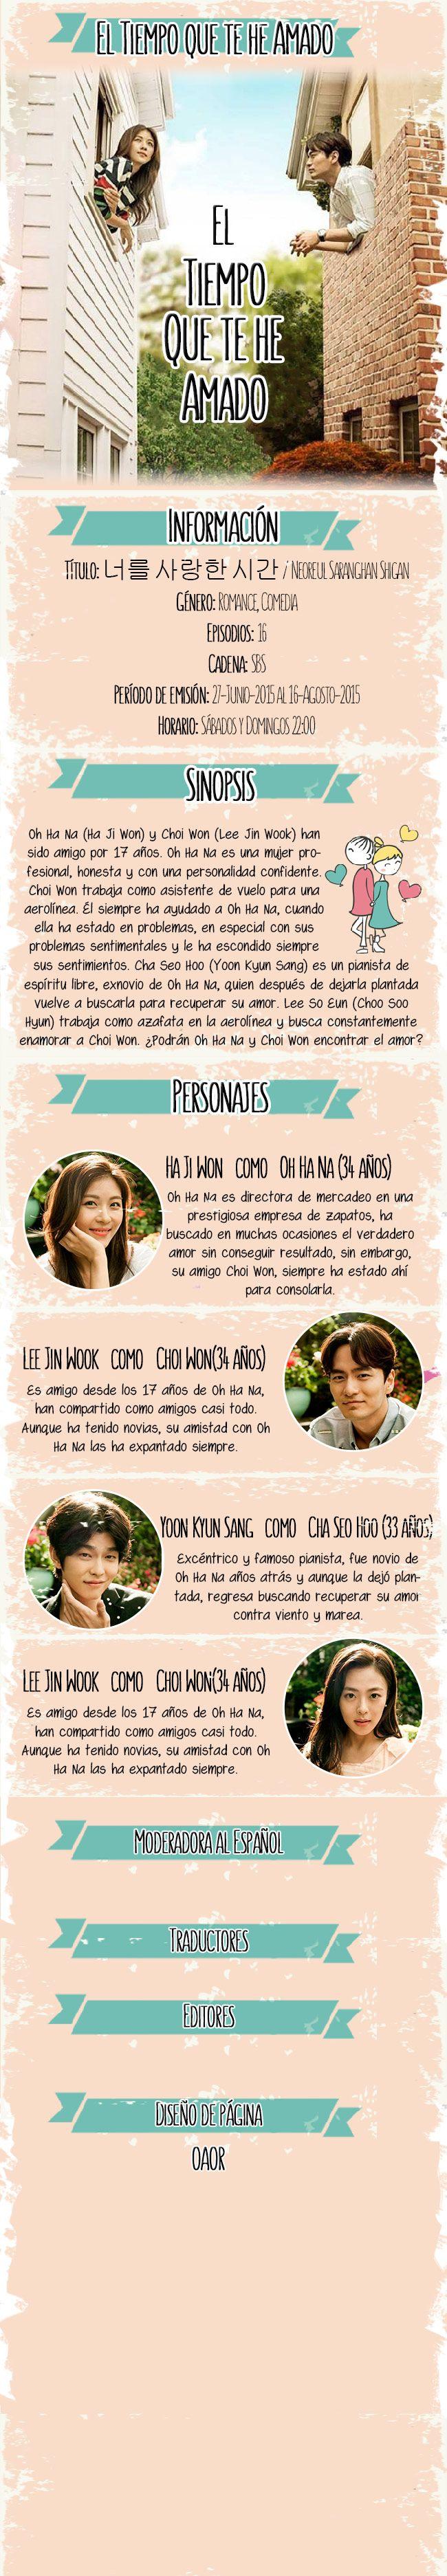 El Tiempo que te he amado Oh Ha Na (Ha Ji Won) y Choi Won (Lee Jin Wook) han sido amigo por 17 años. Oh Ha Na es una mujer profesional, honesta y con una personalidad confidente. Choi Won trabaja como asistente de vuelo para una aerolínea. ¿Podrán Oh Ha Na y Choi Won encontrar el amor?